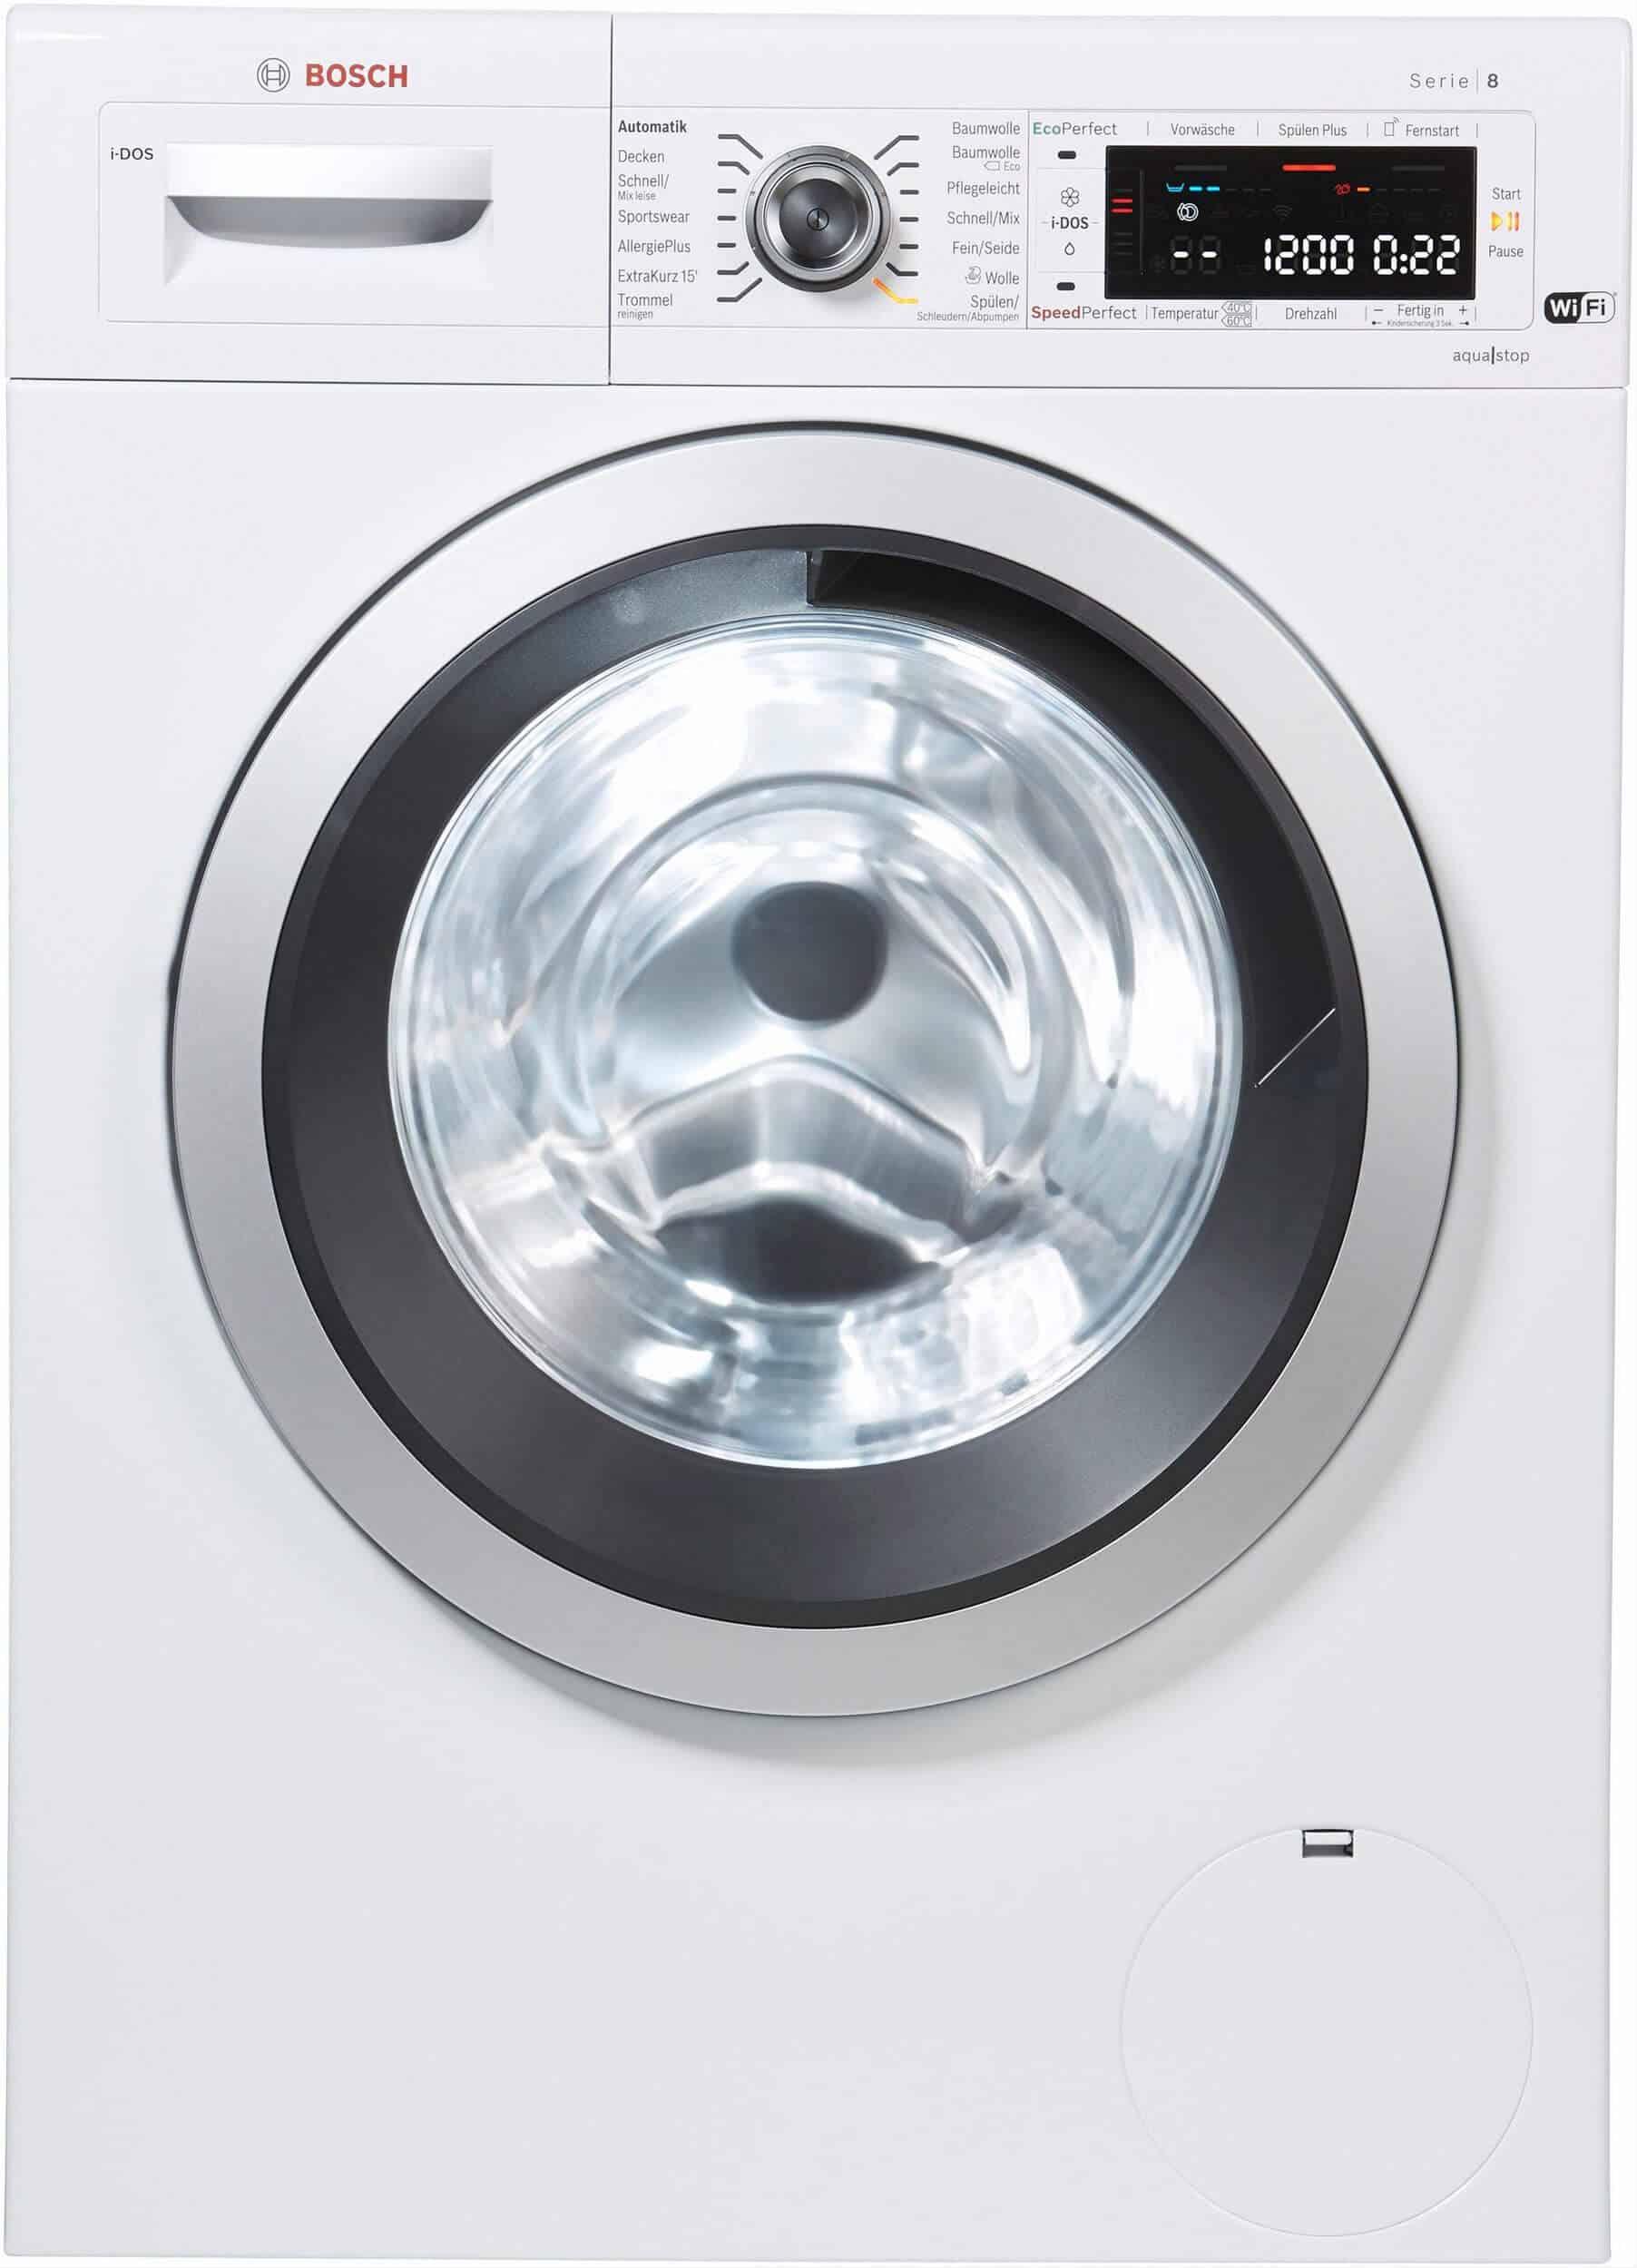 bosch wawh8640 waschmaschine im test 02 2019. Black Bedroom Furniture Sets. Home Design Ideas